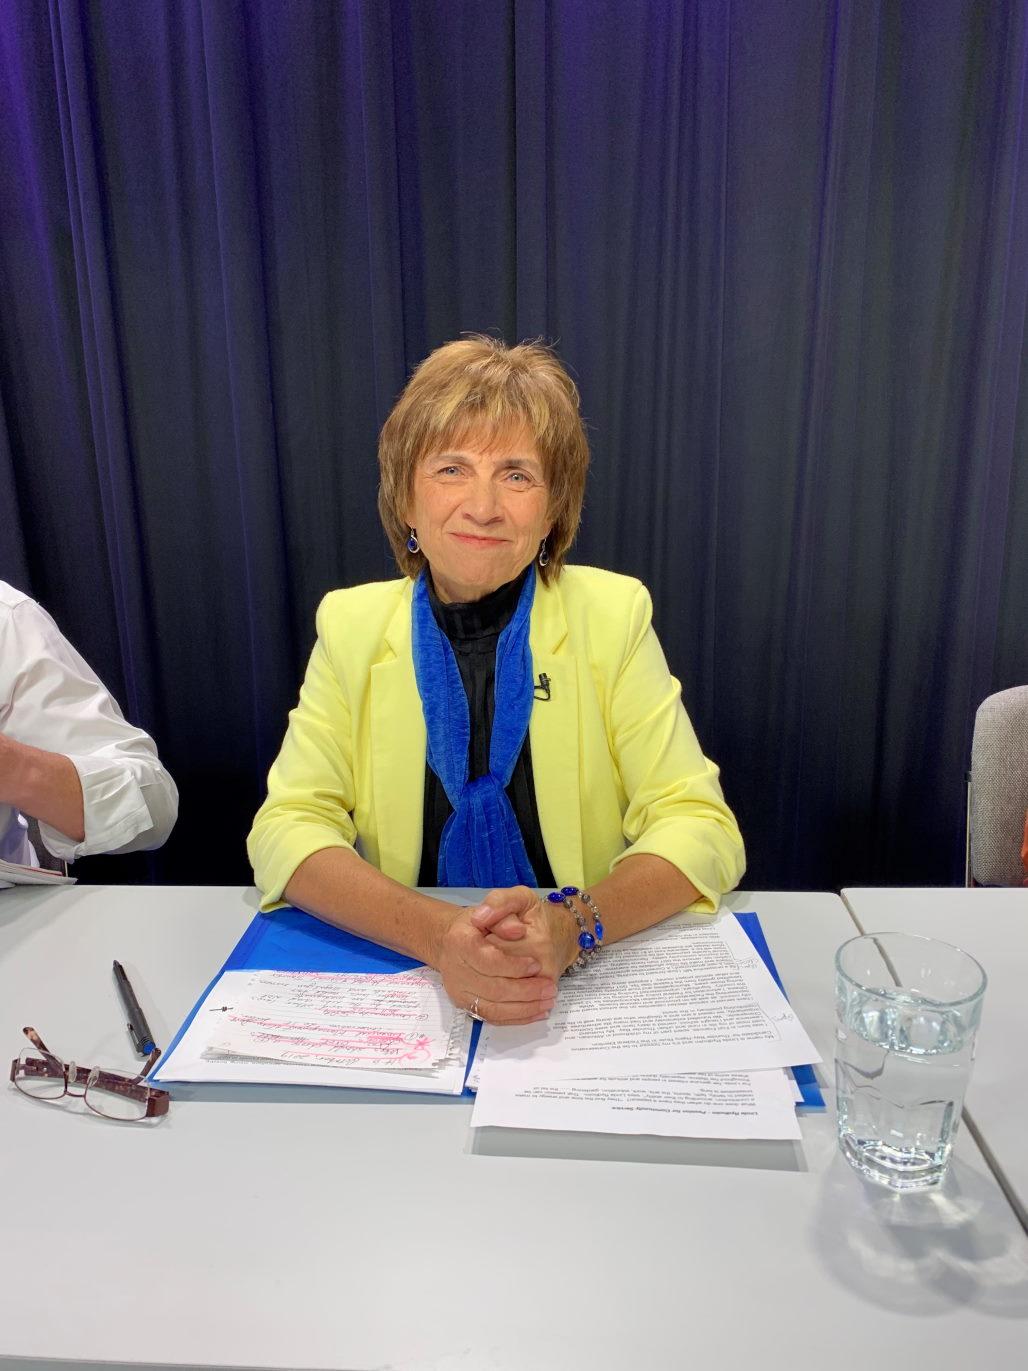 Linda Rydholm